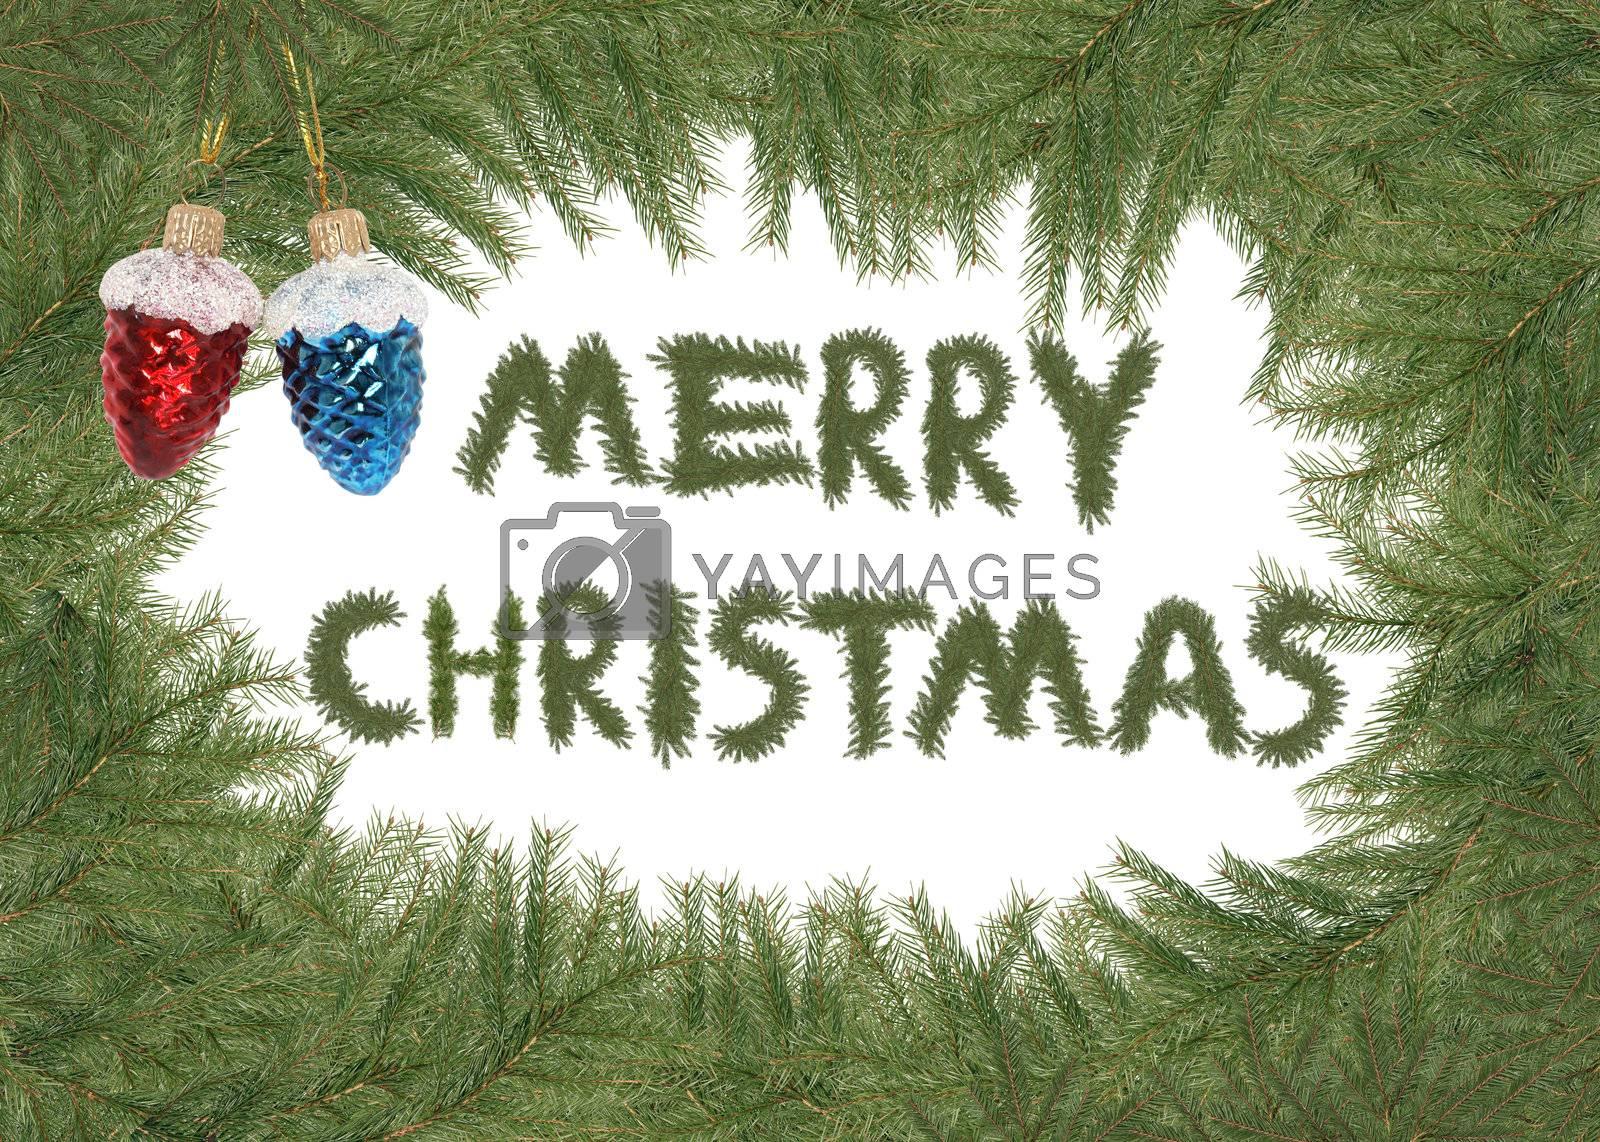 Merry Christmas by kvkirillov